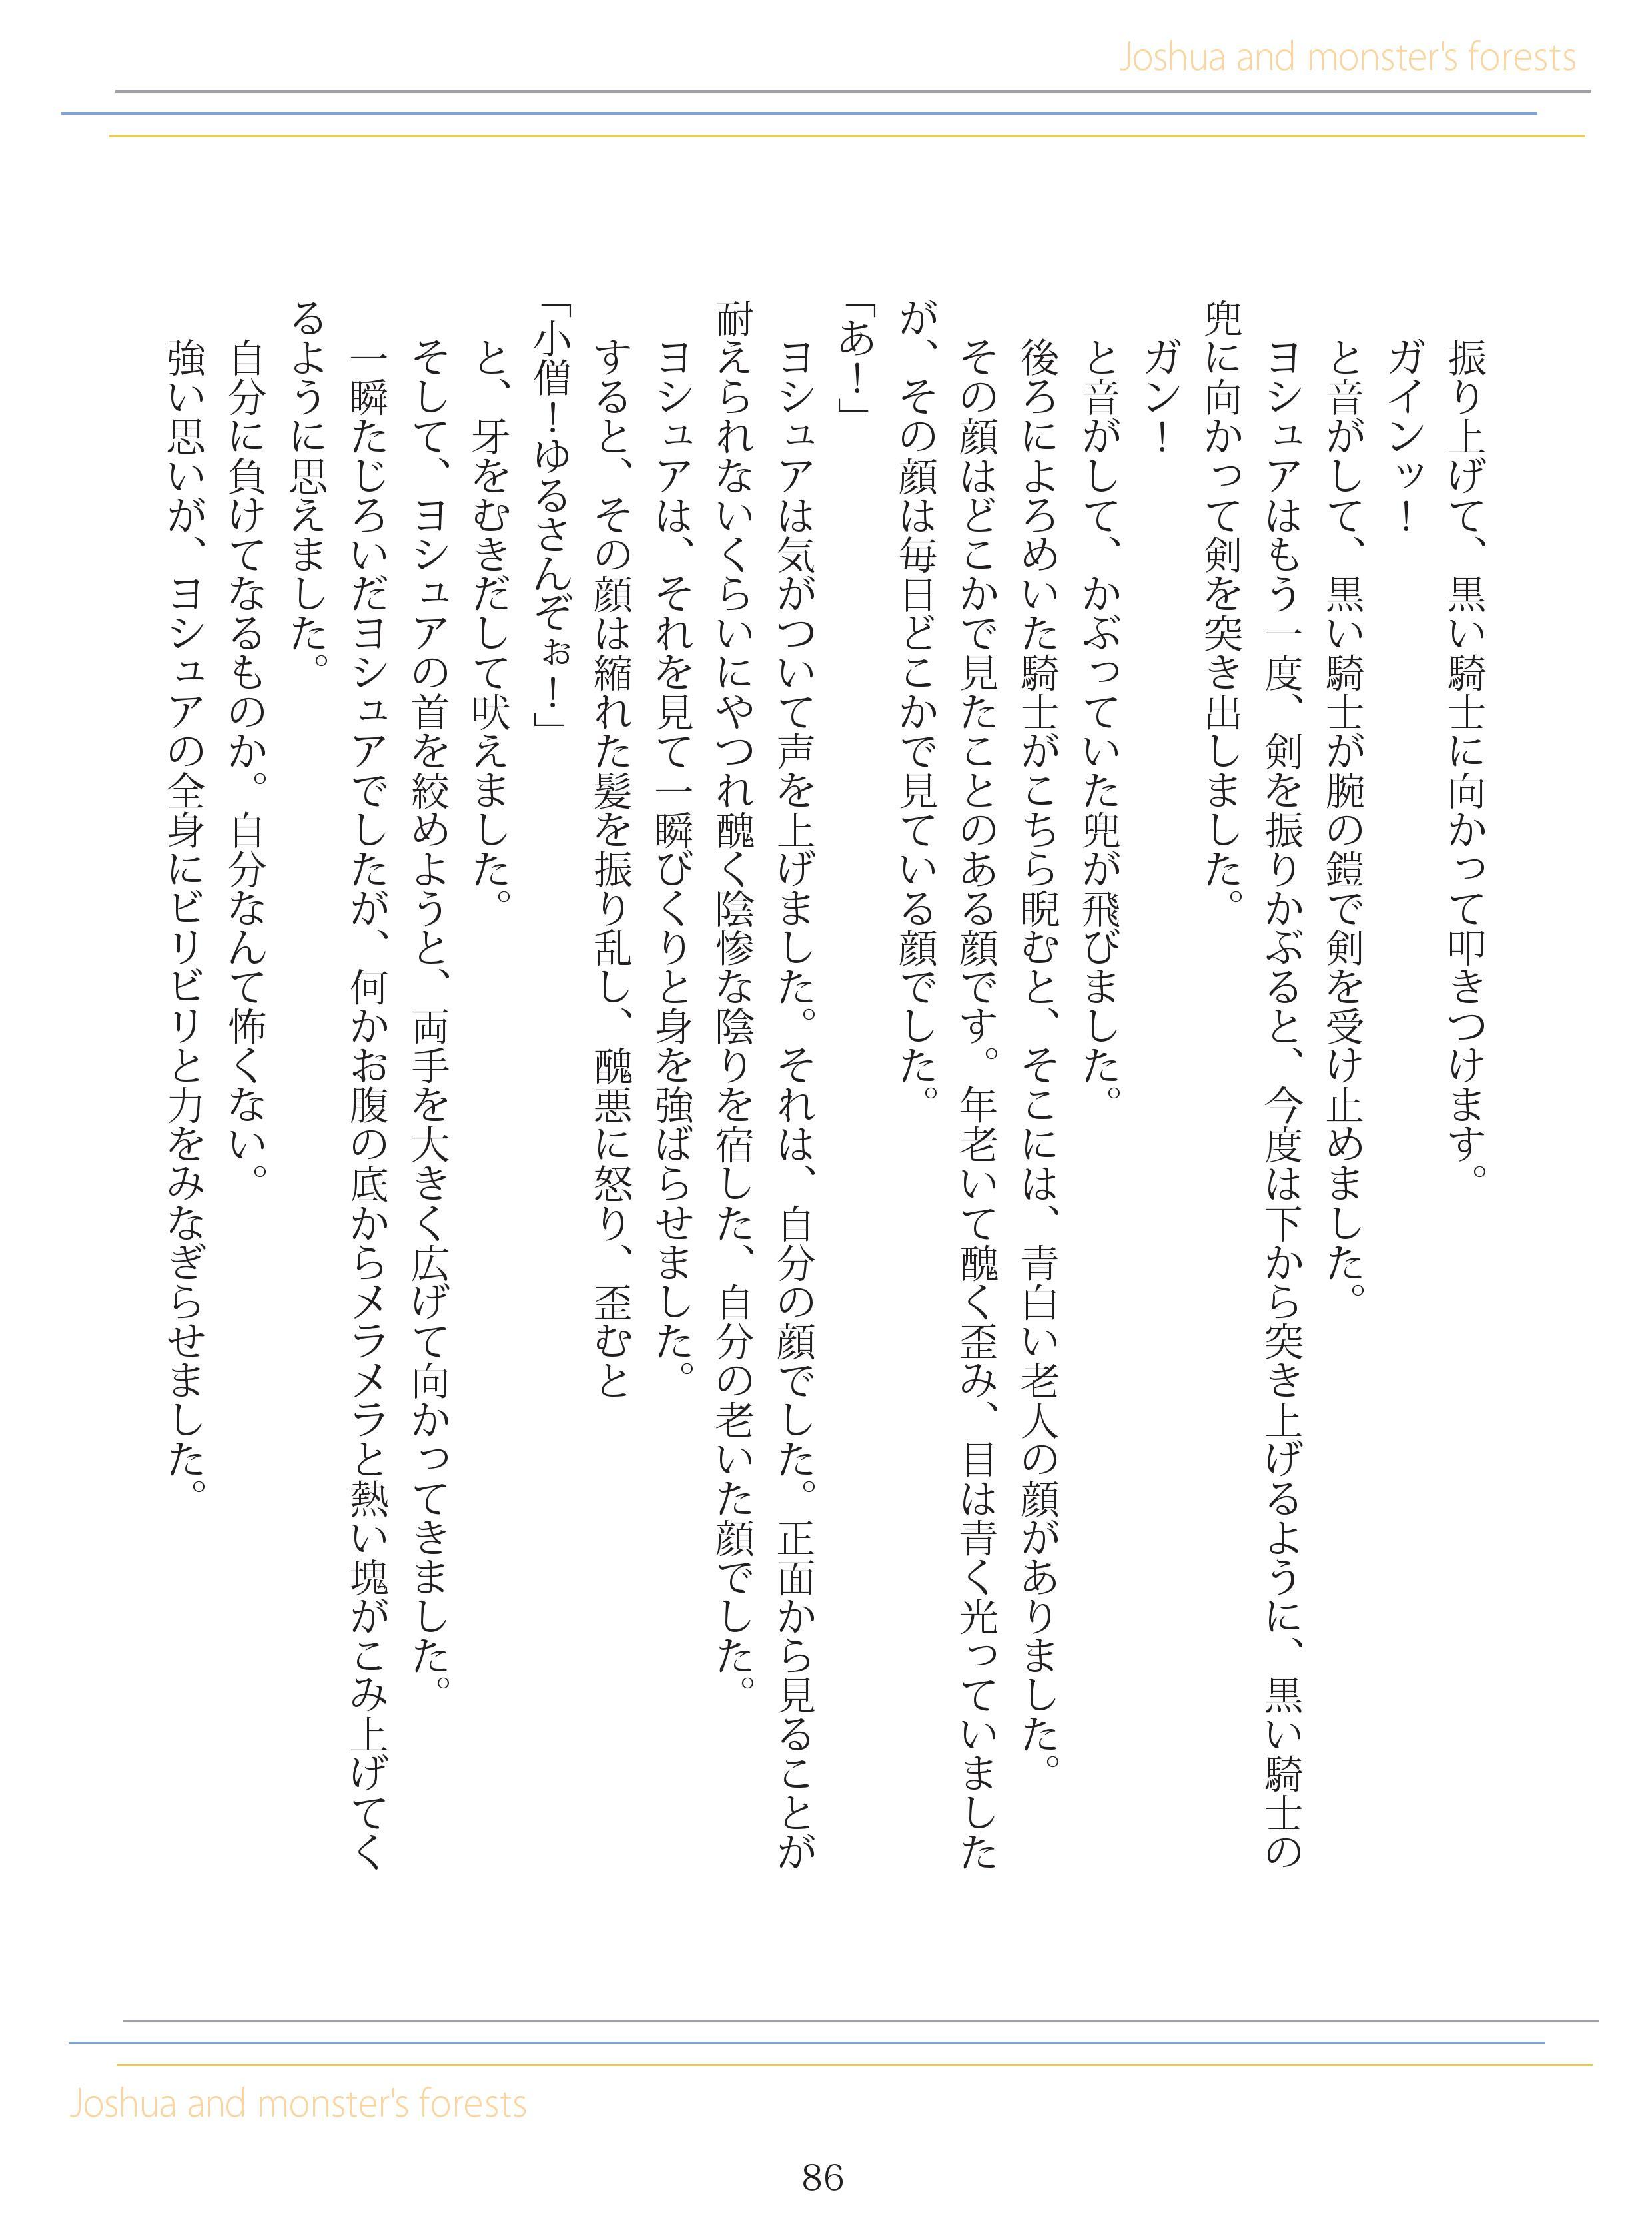 image_087